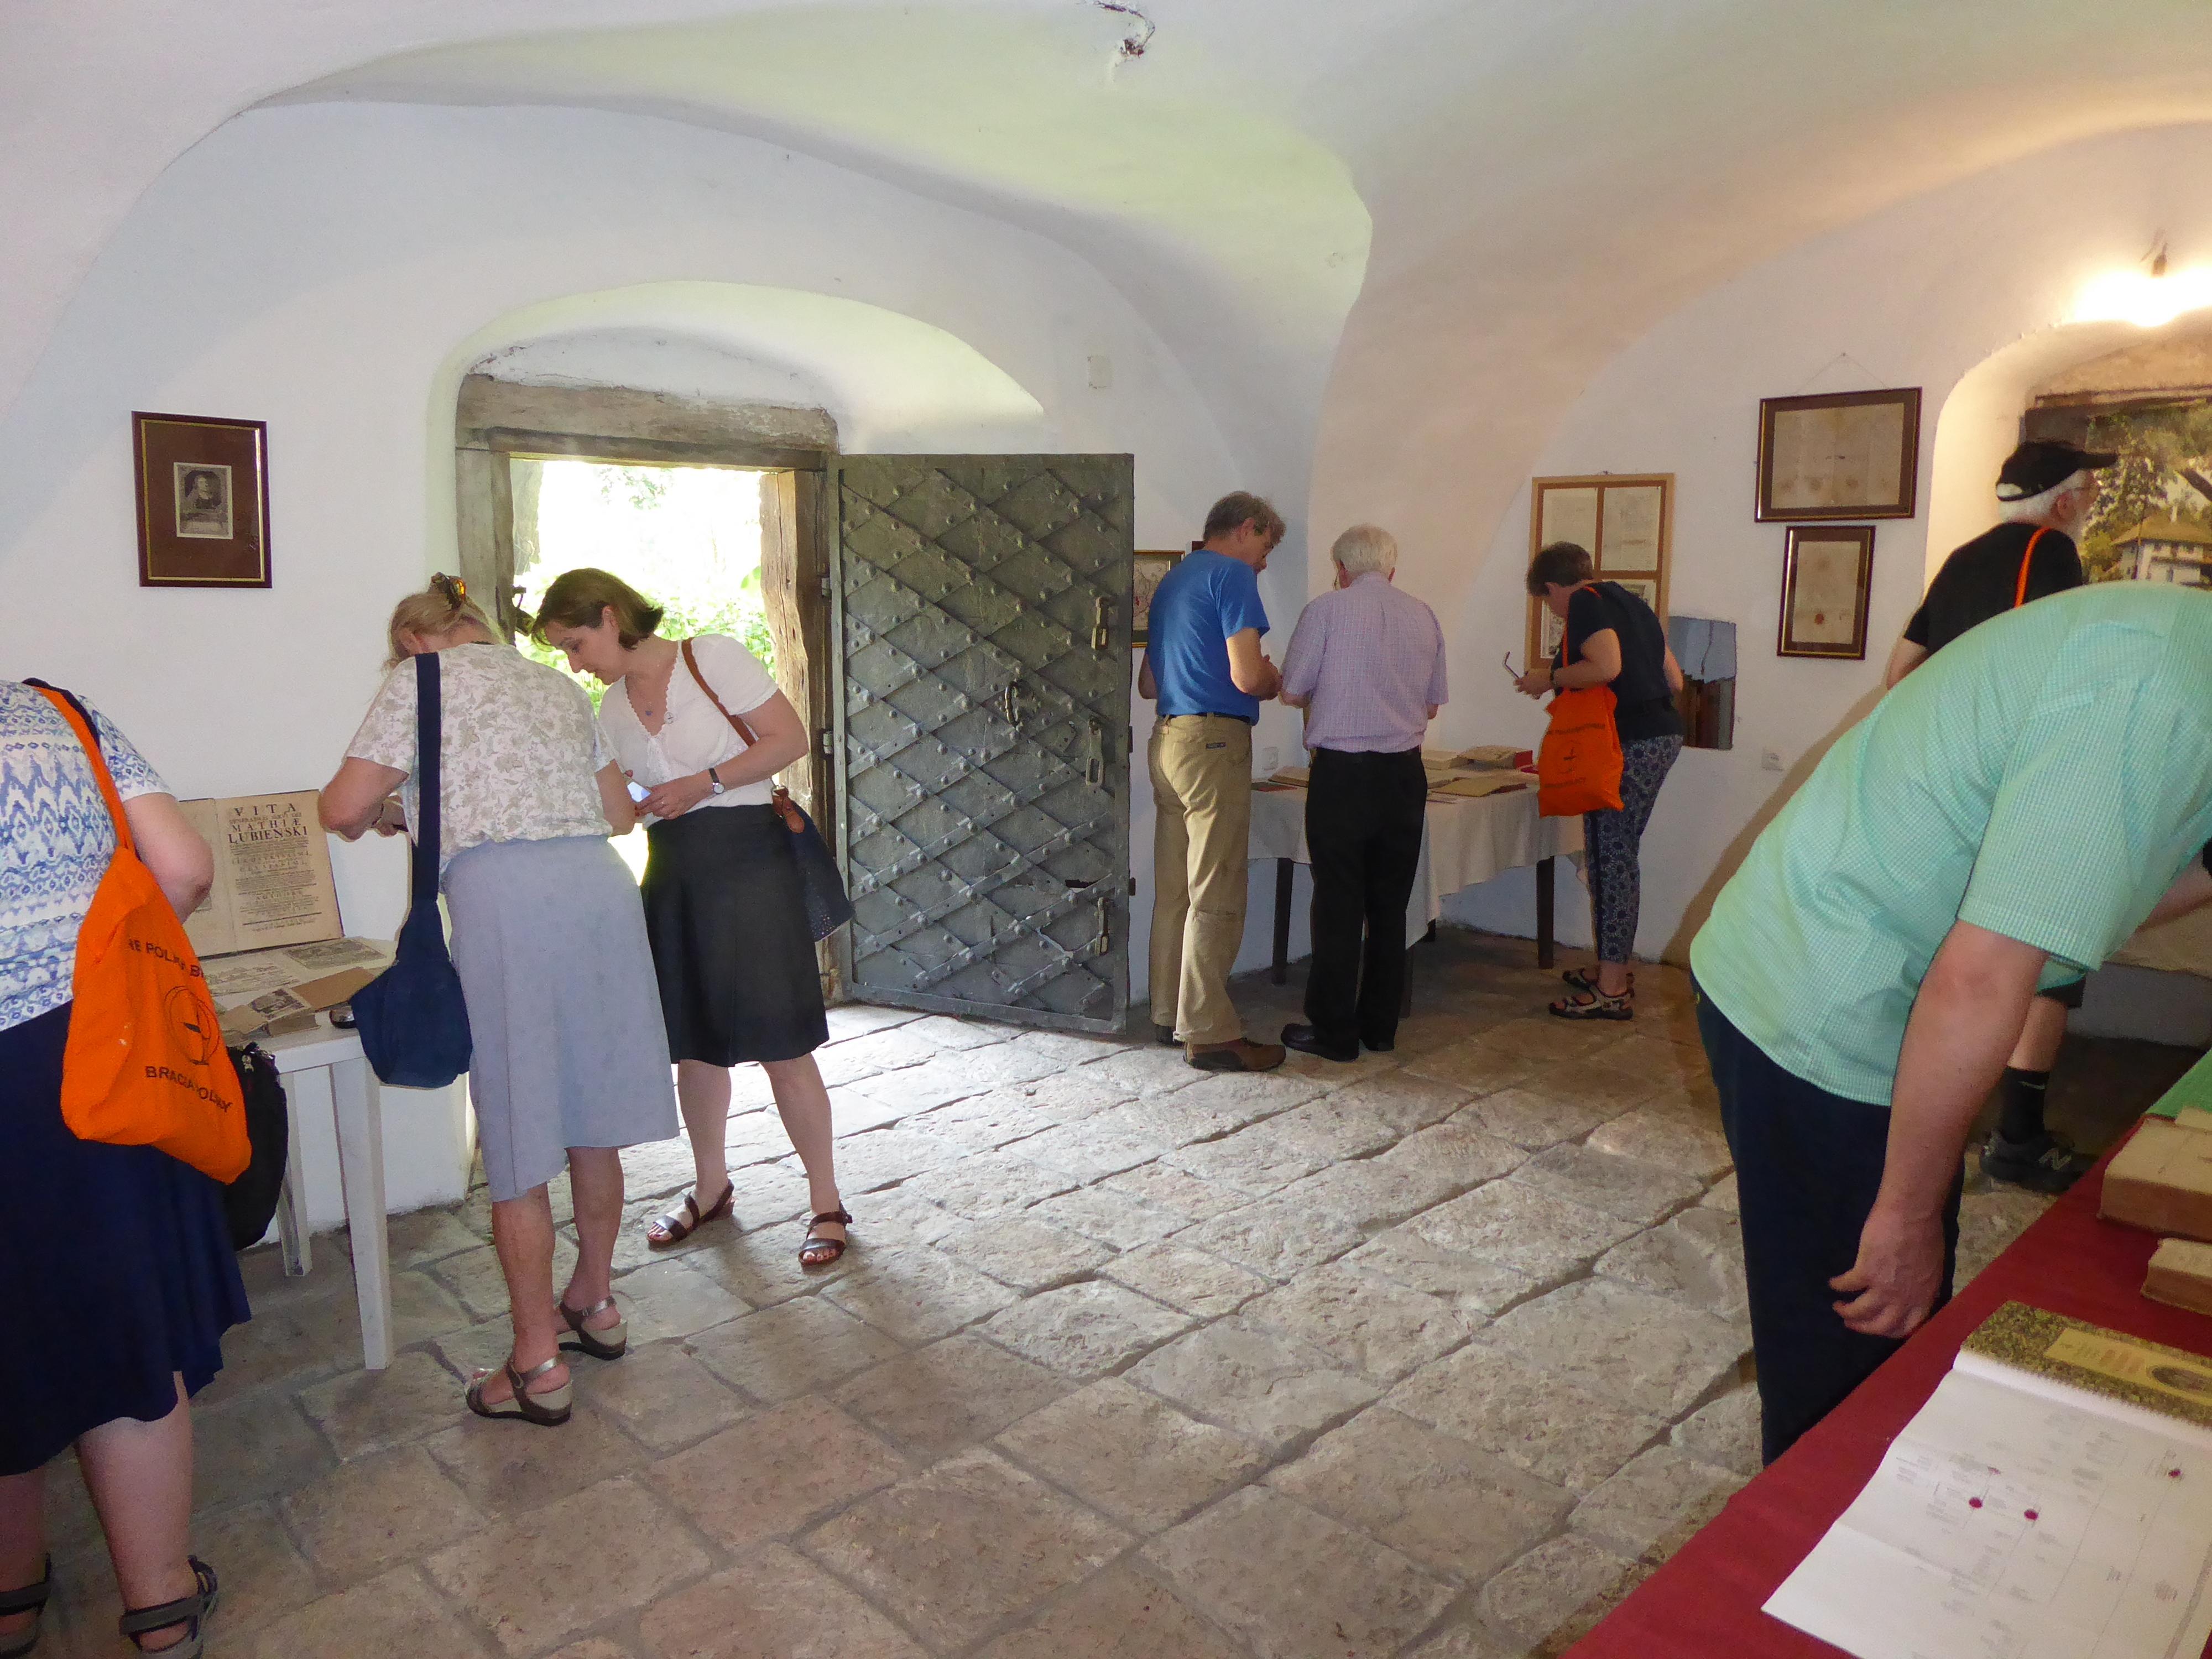 Ludynia chapel int 02